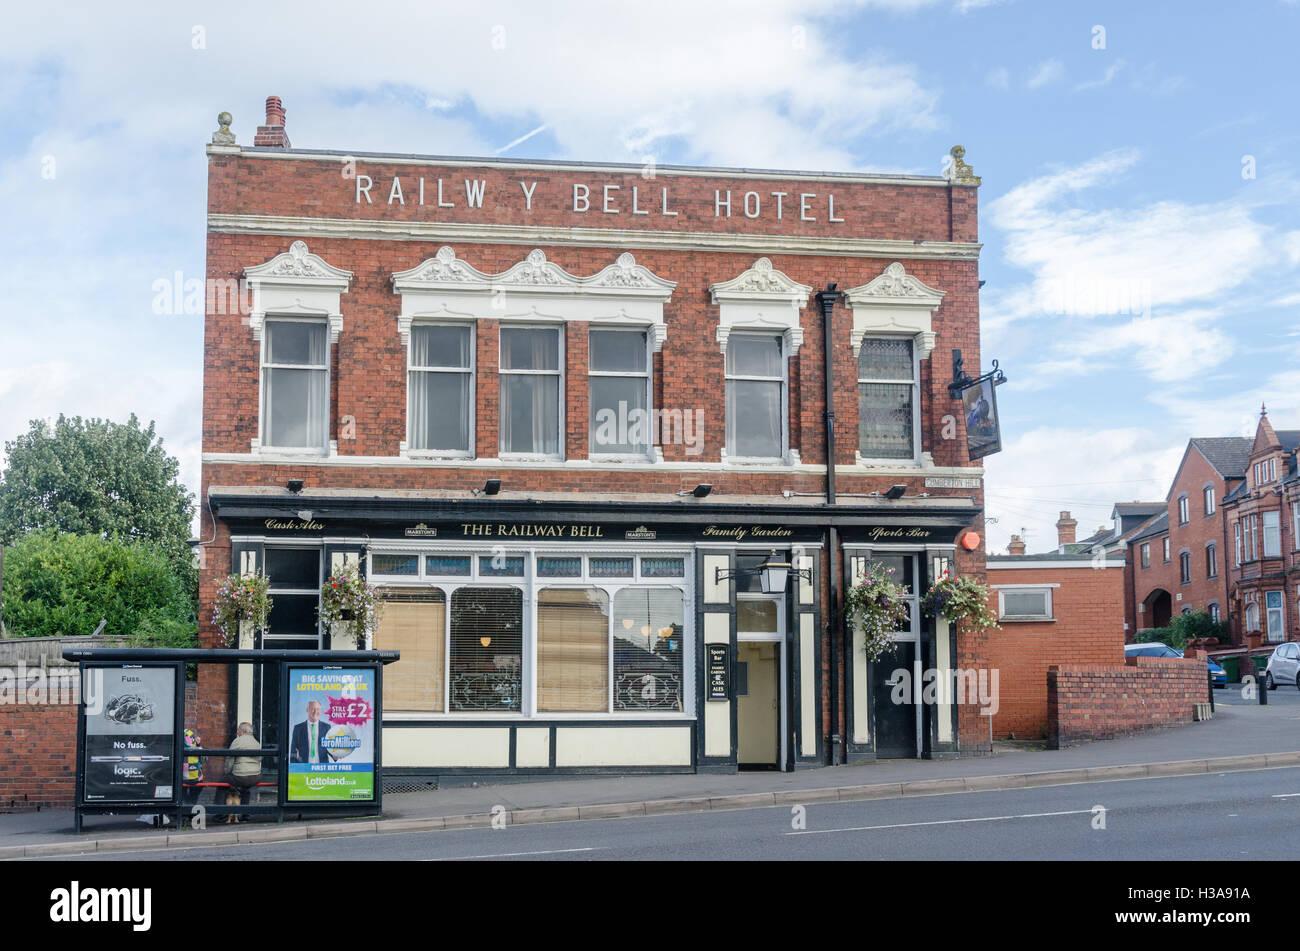 The Railway Bell Hotel opposite Kidderminster railway station - Stock Image